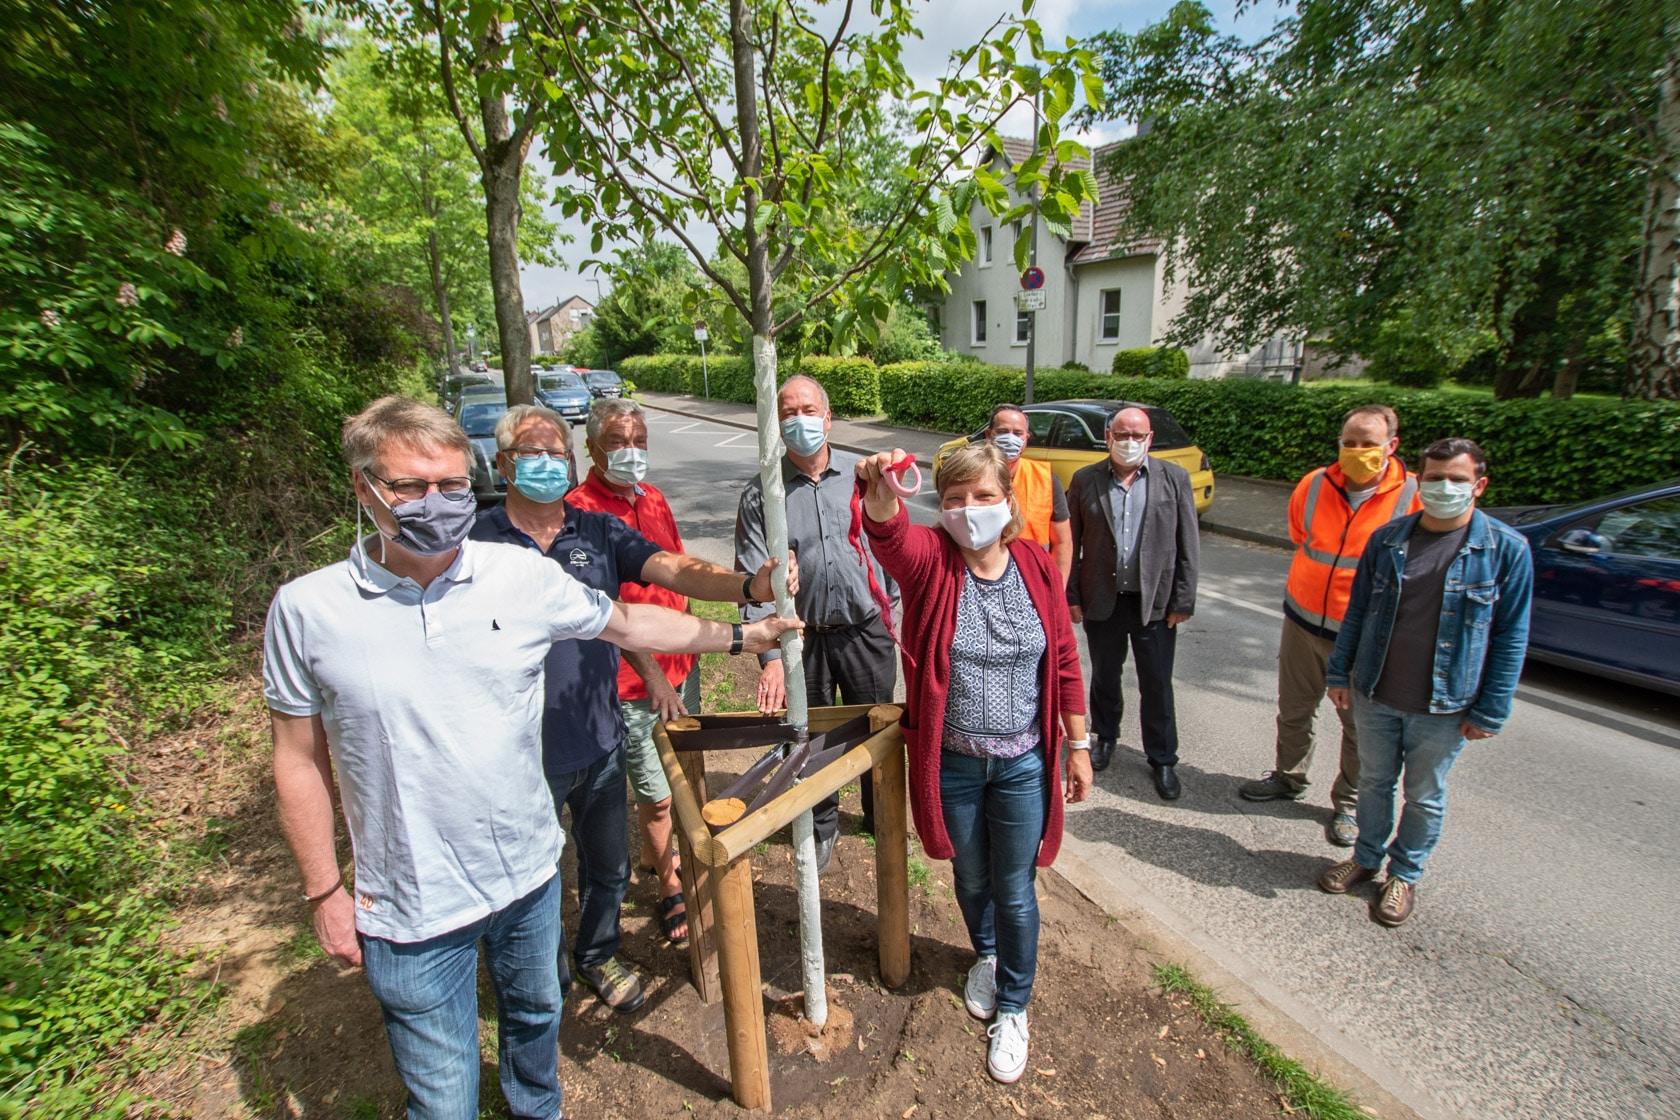 """Anwohner der Allerstraße übernehmen spontan die Patenschaft für """"ihre"""" Jungpflanzen. (Fotos: Roland Gorecki, Dortmund-Agentur)"""